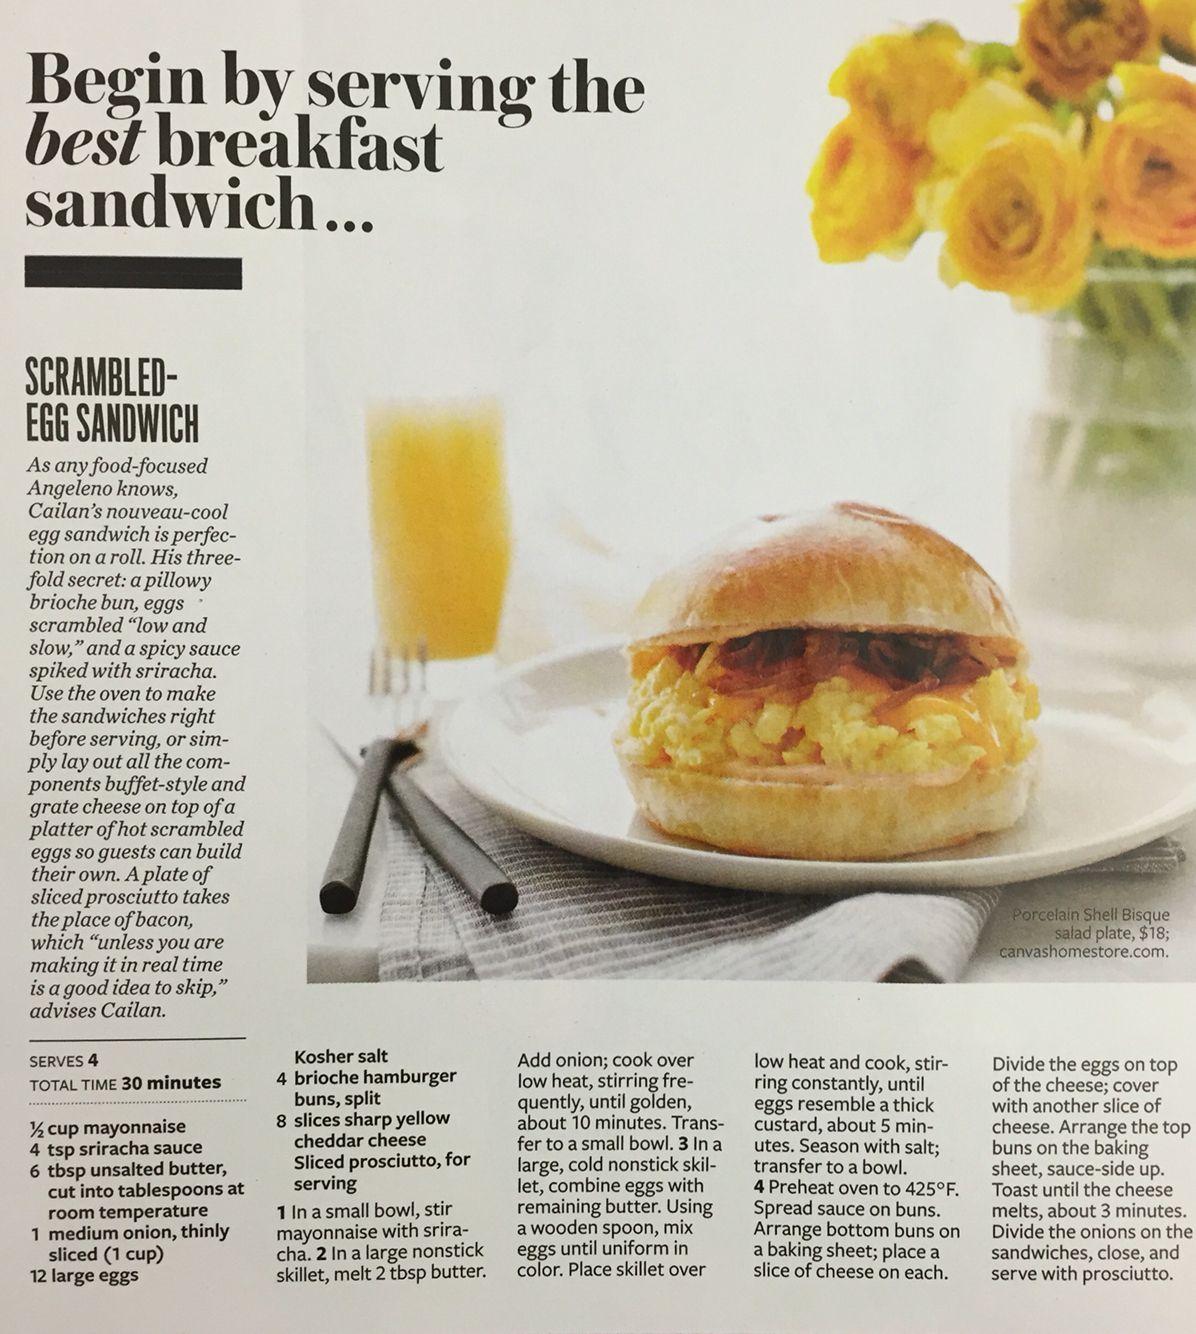 Scrambled egg breakfast sandwich